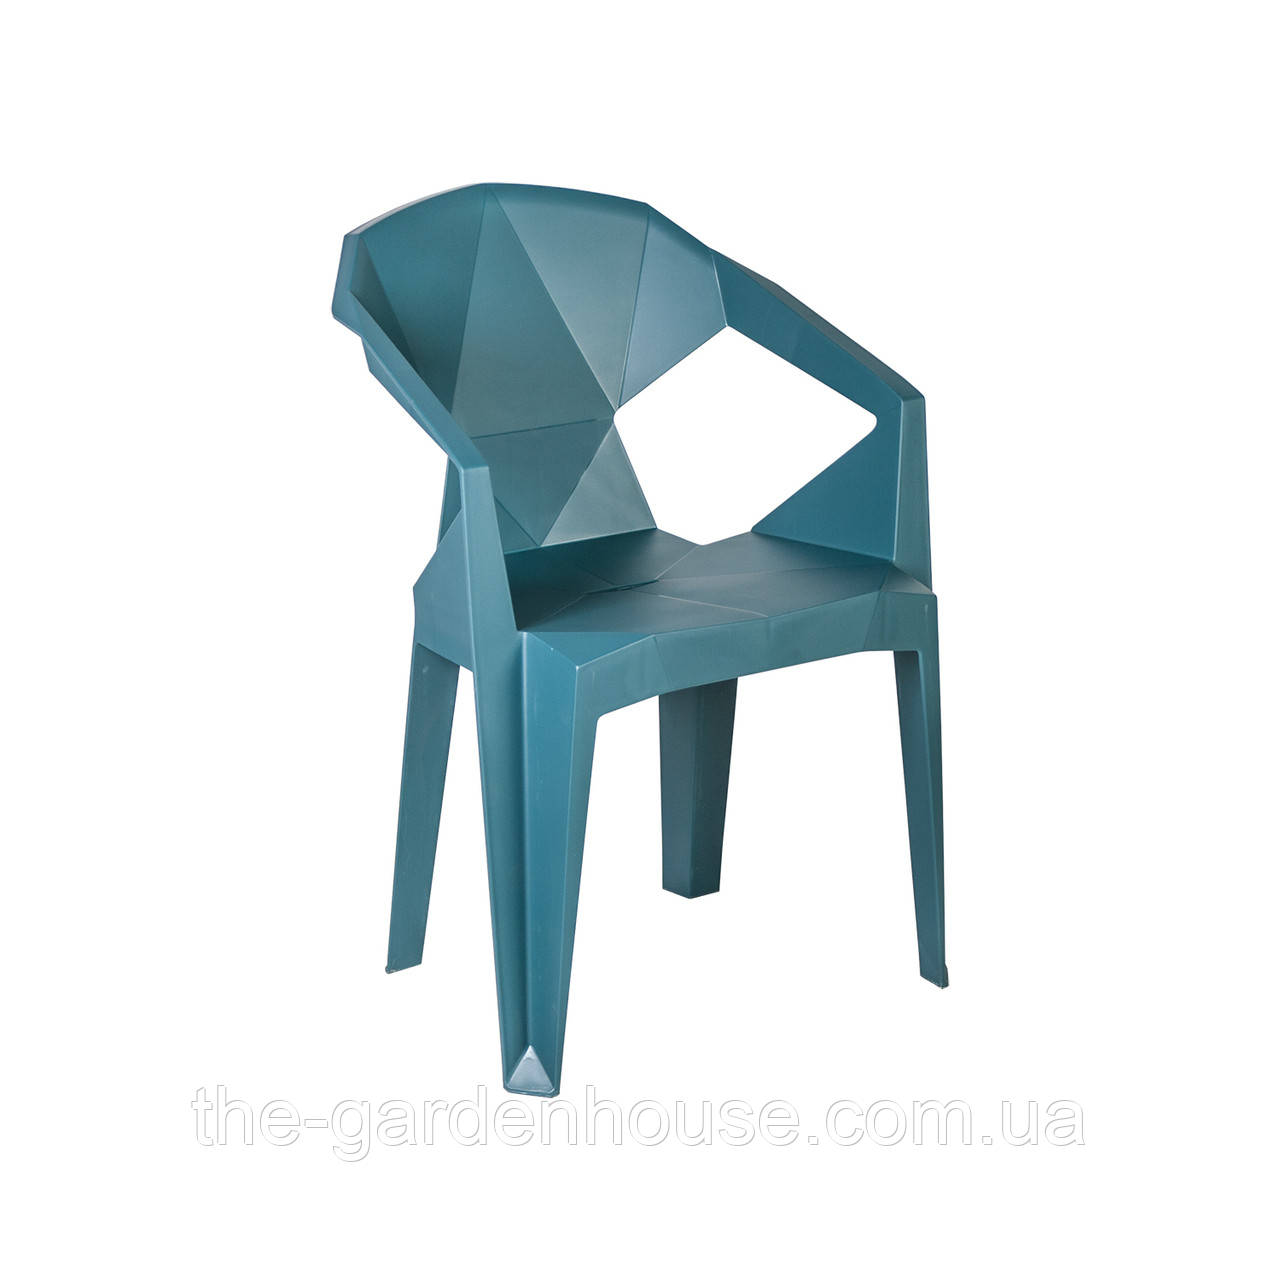 Пластиковий стілець з підлокітниками Muze синій